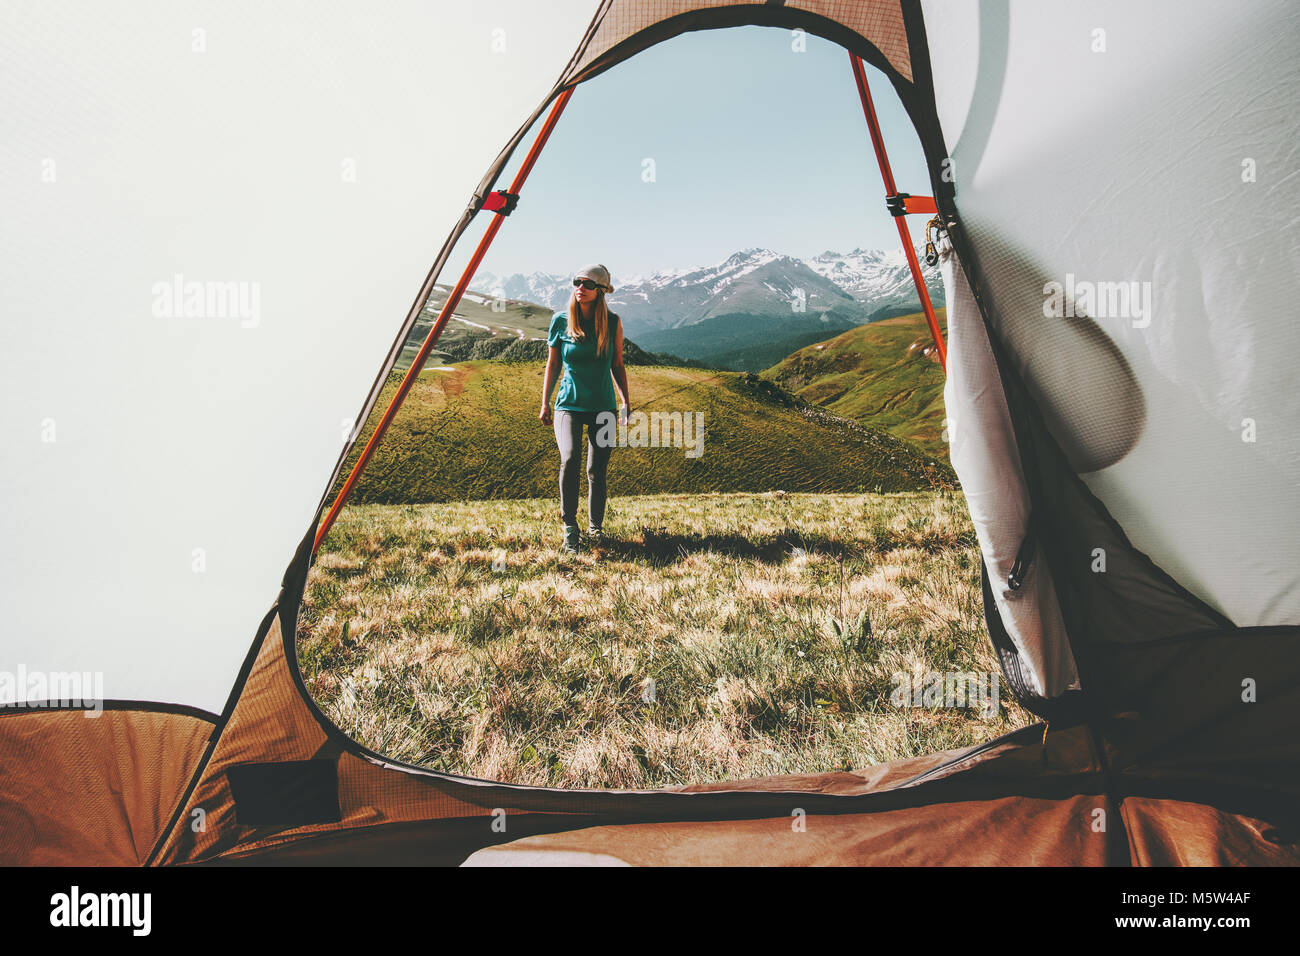 Frau Reisenden zu Fuß in die Berge Blick vom Zelt Camping Eingang outdoor Reisen Lifestyle Konzept Abenteuer Stockbild